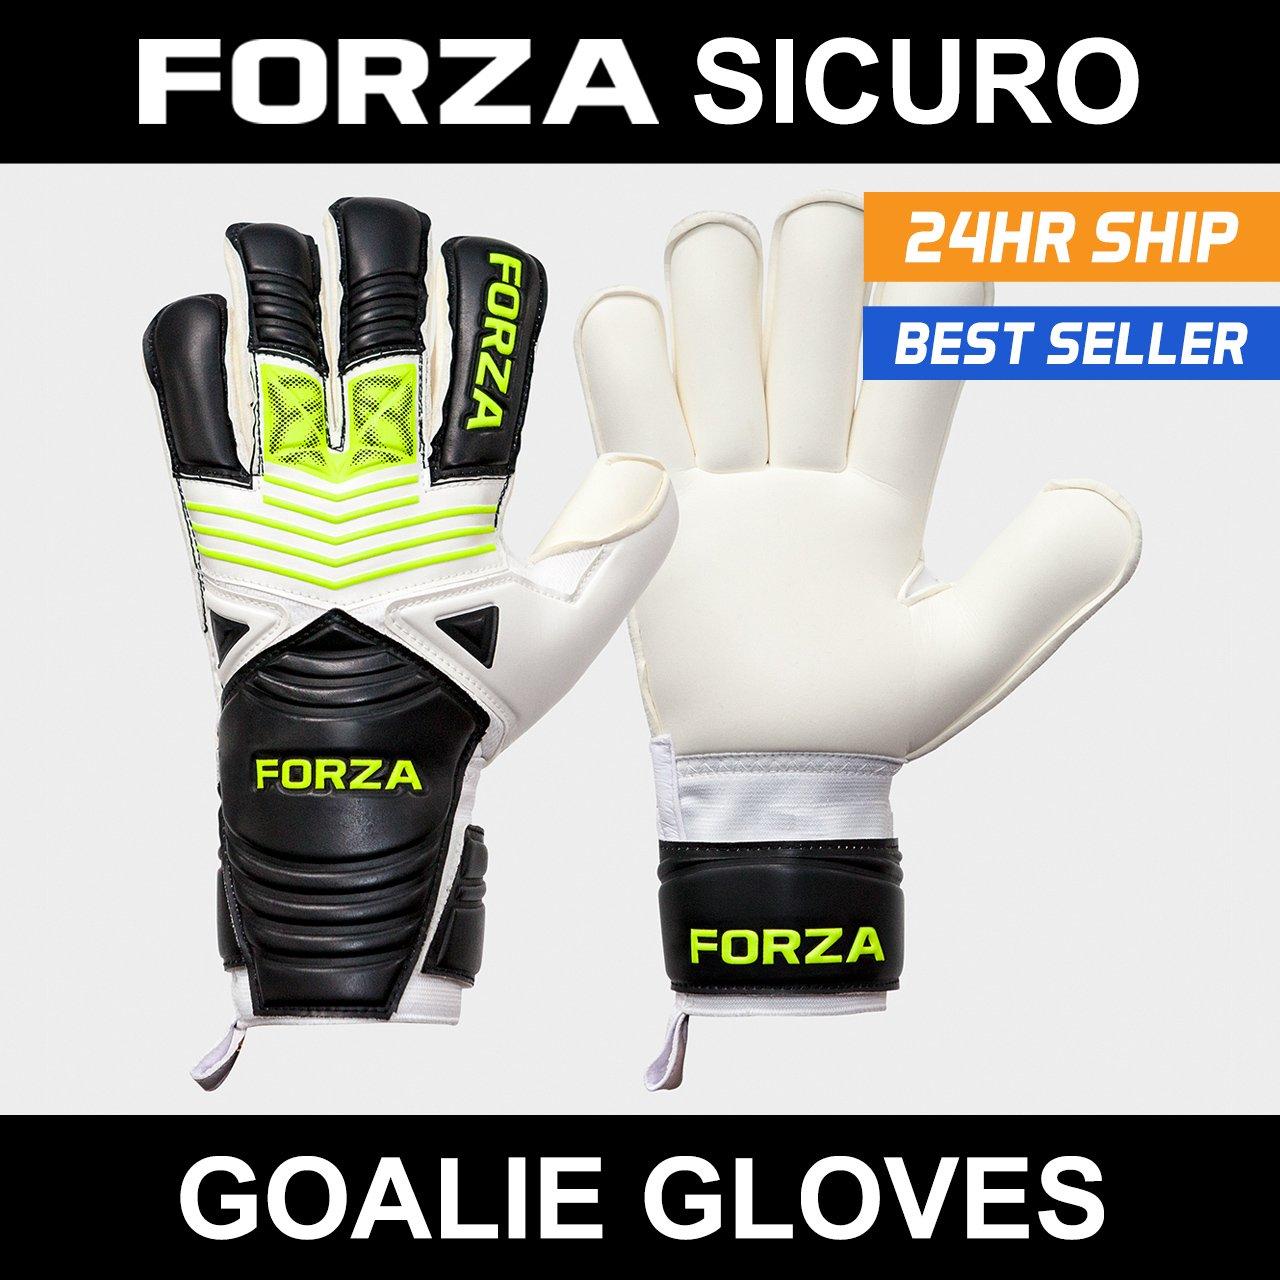 Forza Sicuroゴールキーパーグローブサッカー手袋 – スーパーのクラブレベルshot-stoppers。さまざまなサイズAvailable [ Net世界スポーツ] B0784XNGLV Size 9 (Medium Adult)